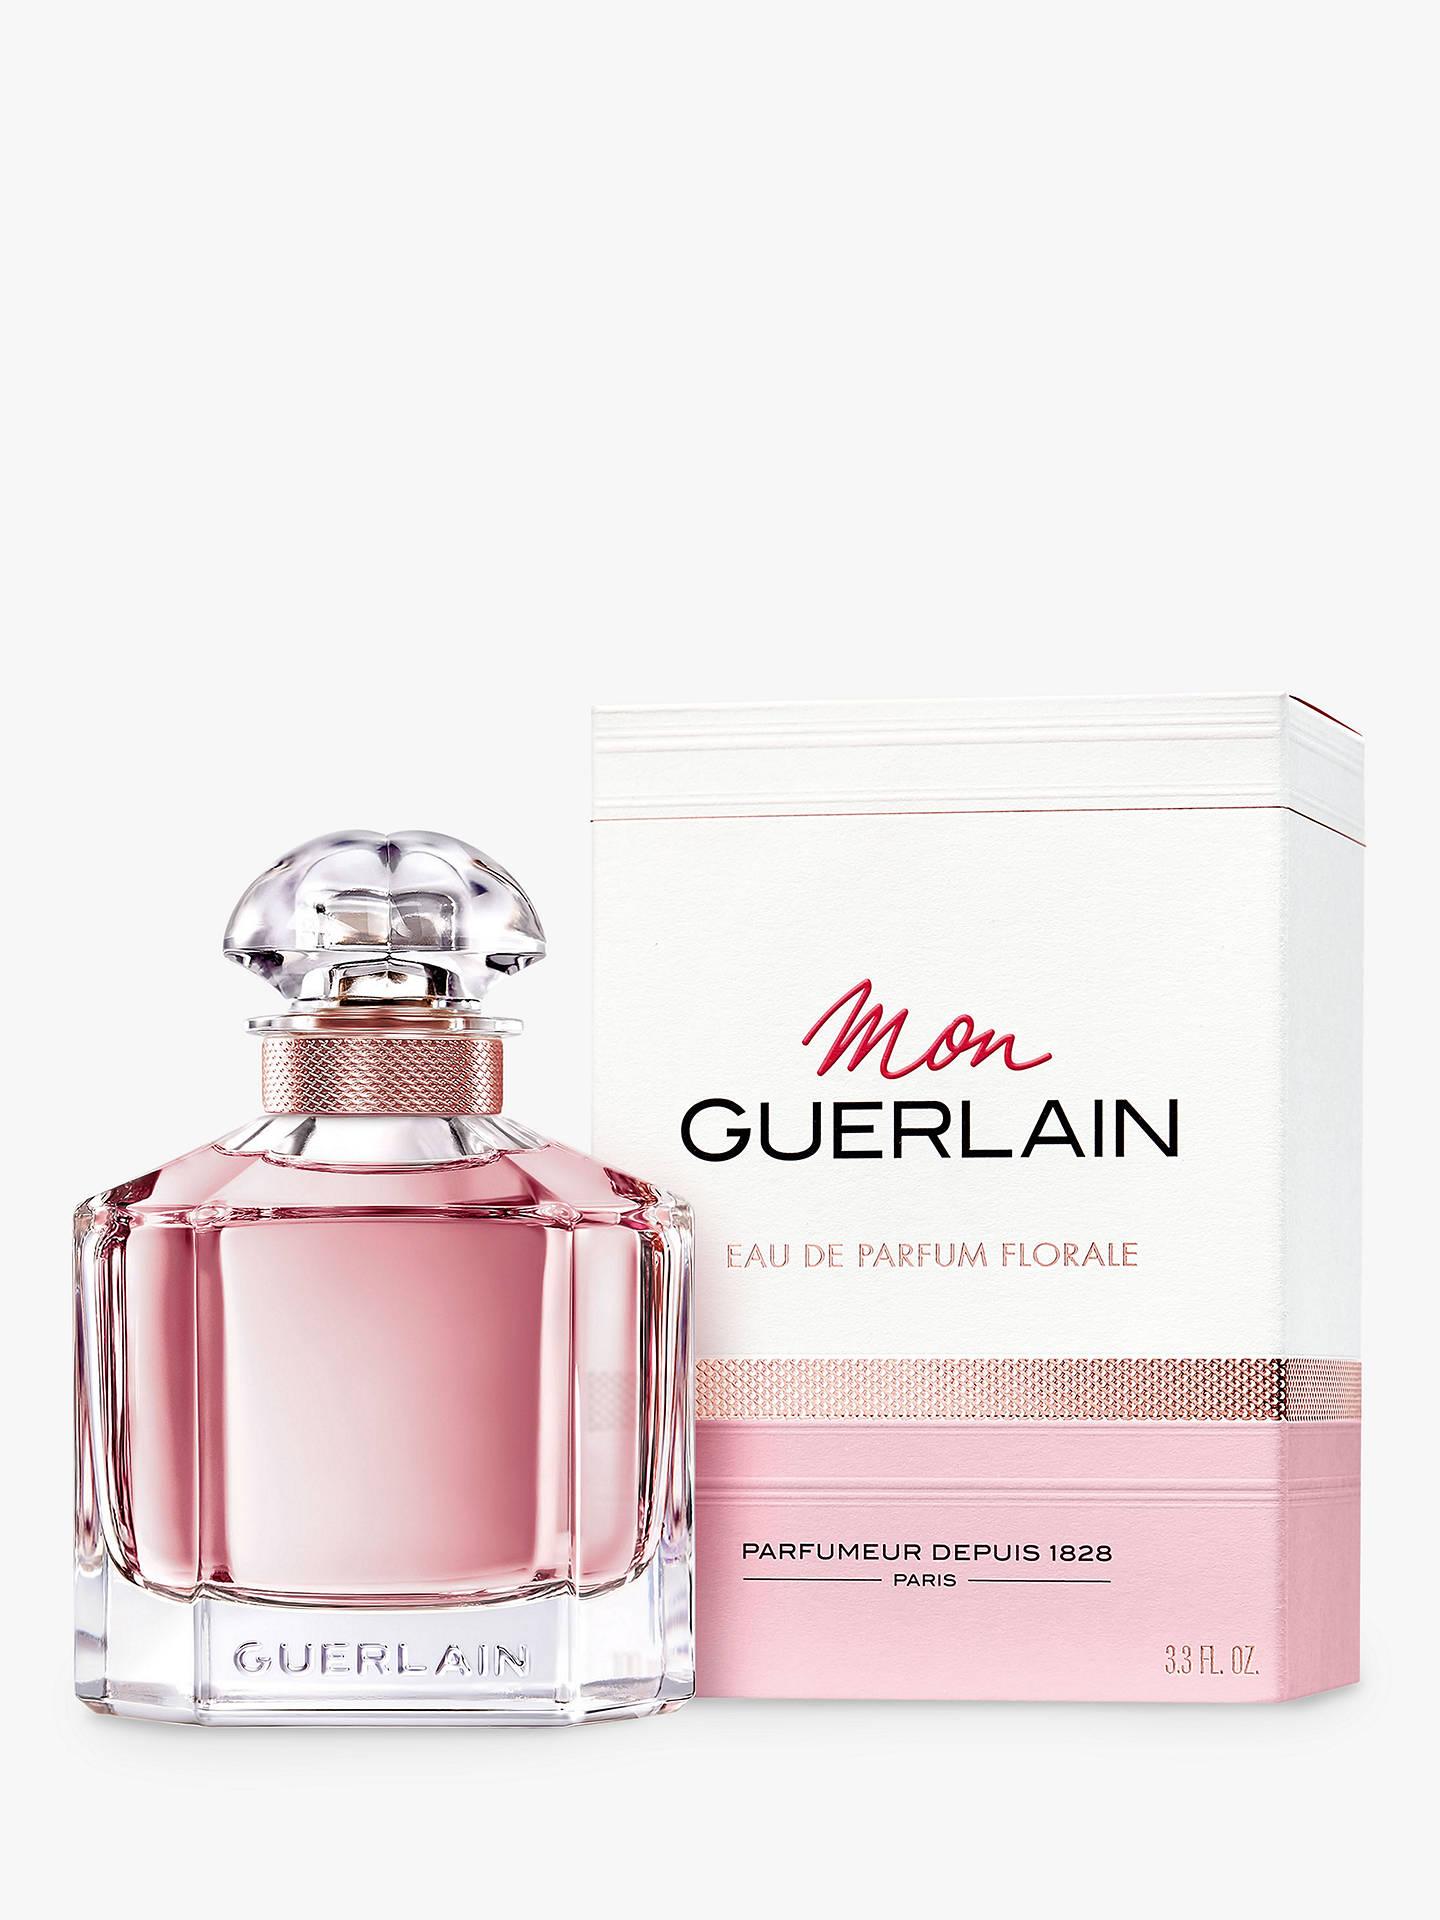 John Mon Eau De Florale Parfum At Lewisamp; Partners Guerlain VpMSUz